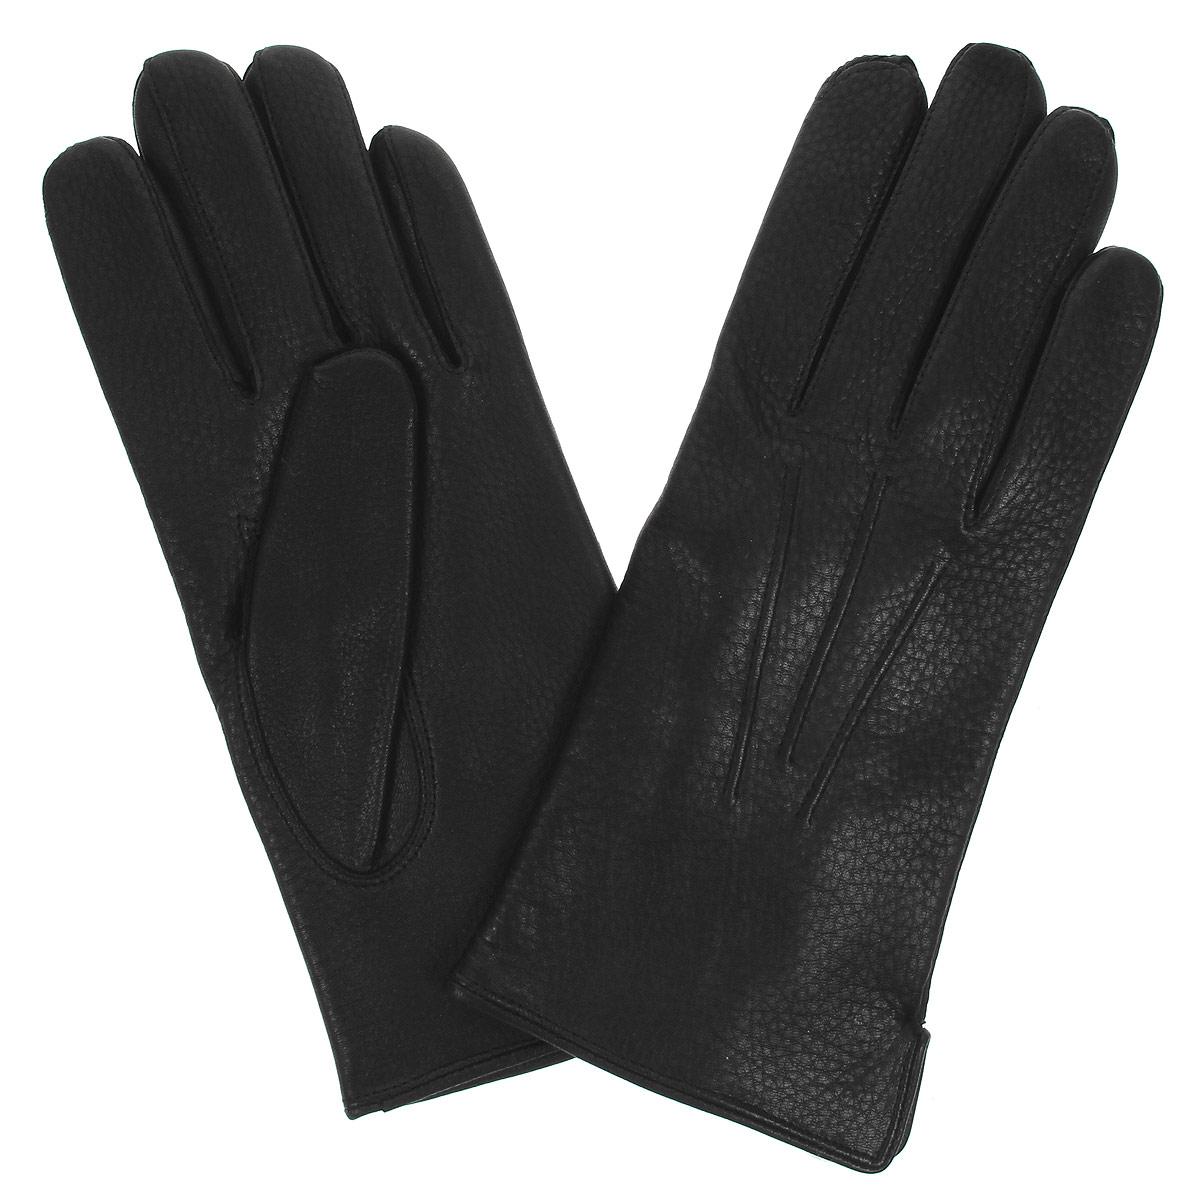 Перчатки мужские Bartoc, цвет: черный. DM42-234. Размер 8,5DM42-234Классические мужские перчатки Bartoc не только защитят ваши руки, но и станут великолепным украшением. Они выполнены из мягкой и особо износостойкой натуральной кожи оленя, а их подкладка - из натуральной шерсти. На внешнем боку перчатки имеется небольшой разрез. Модель на лицевой стороне оформлена декоративной отстрочкой три луча. Перчатки прекрасно дополнят образ любого мужчины и сделают его более стильным, придав тонкую нотку брутальности. Создайте элегантный образ и подчеркните свою яркую индивидуальность новым аксессуаром!